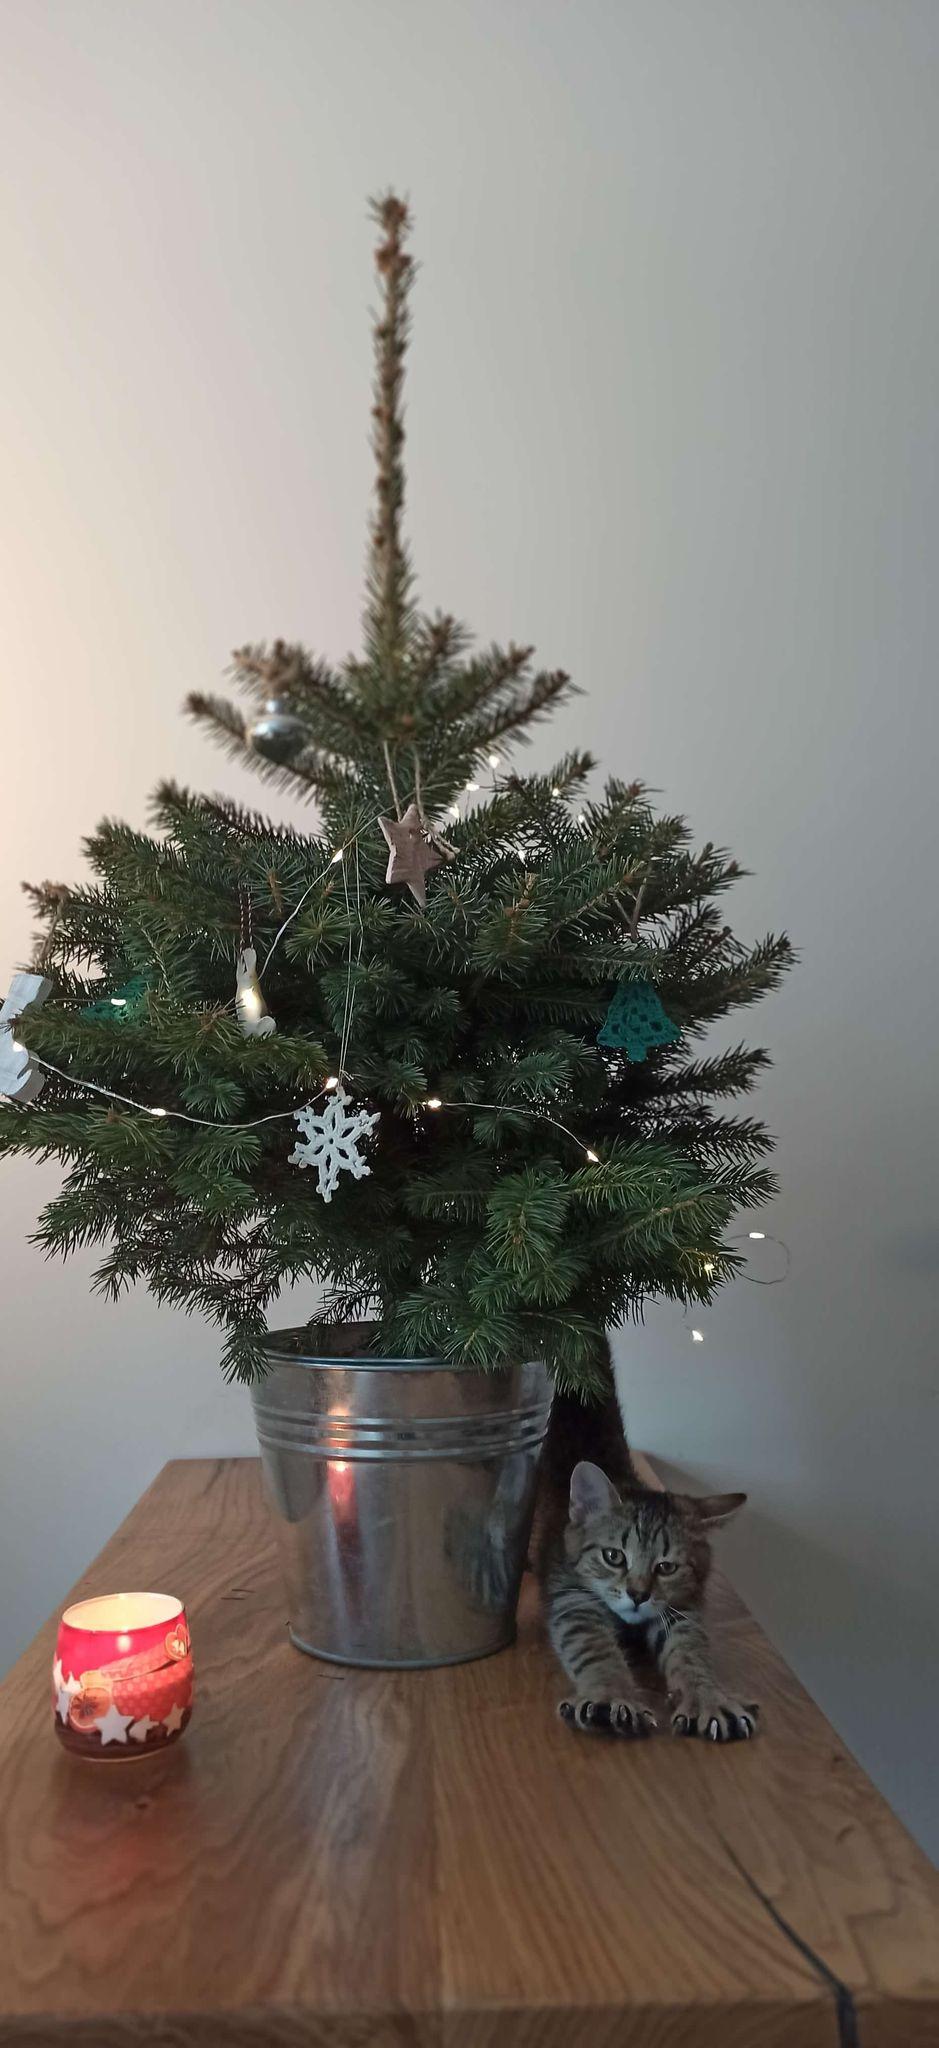 Lubelski Ratusz chce zasadzić świąteczne choinki w mieście - Zdjęcie główne